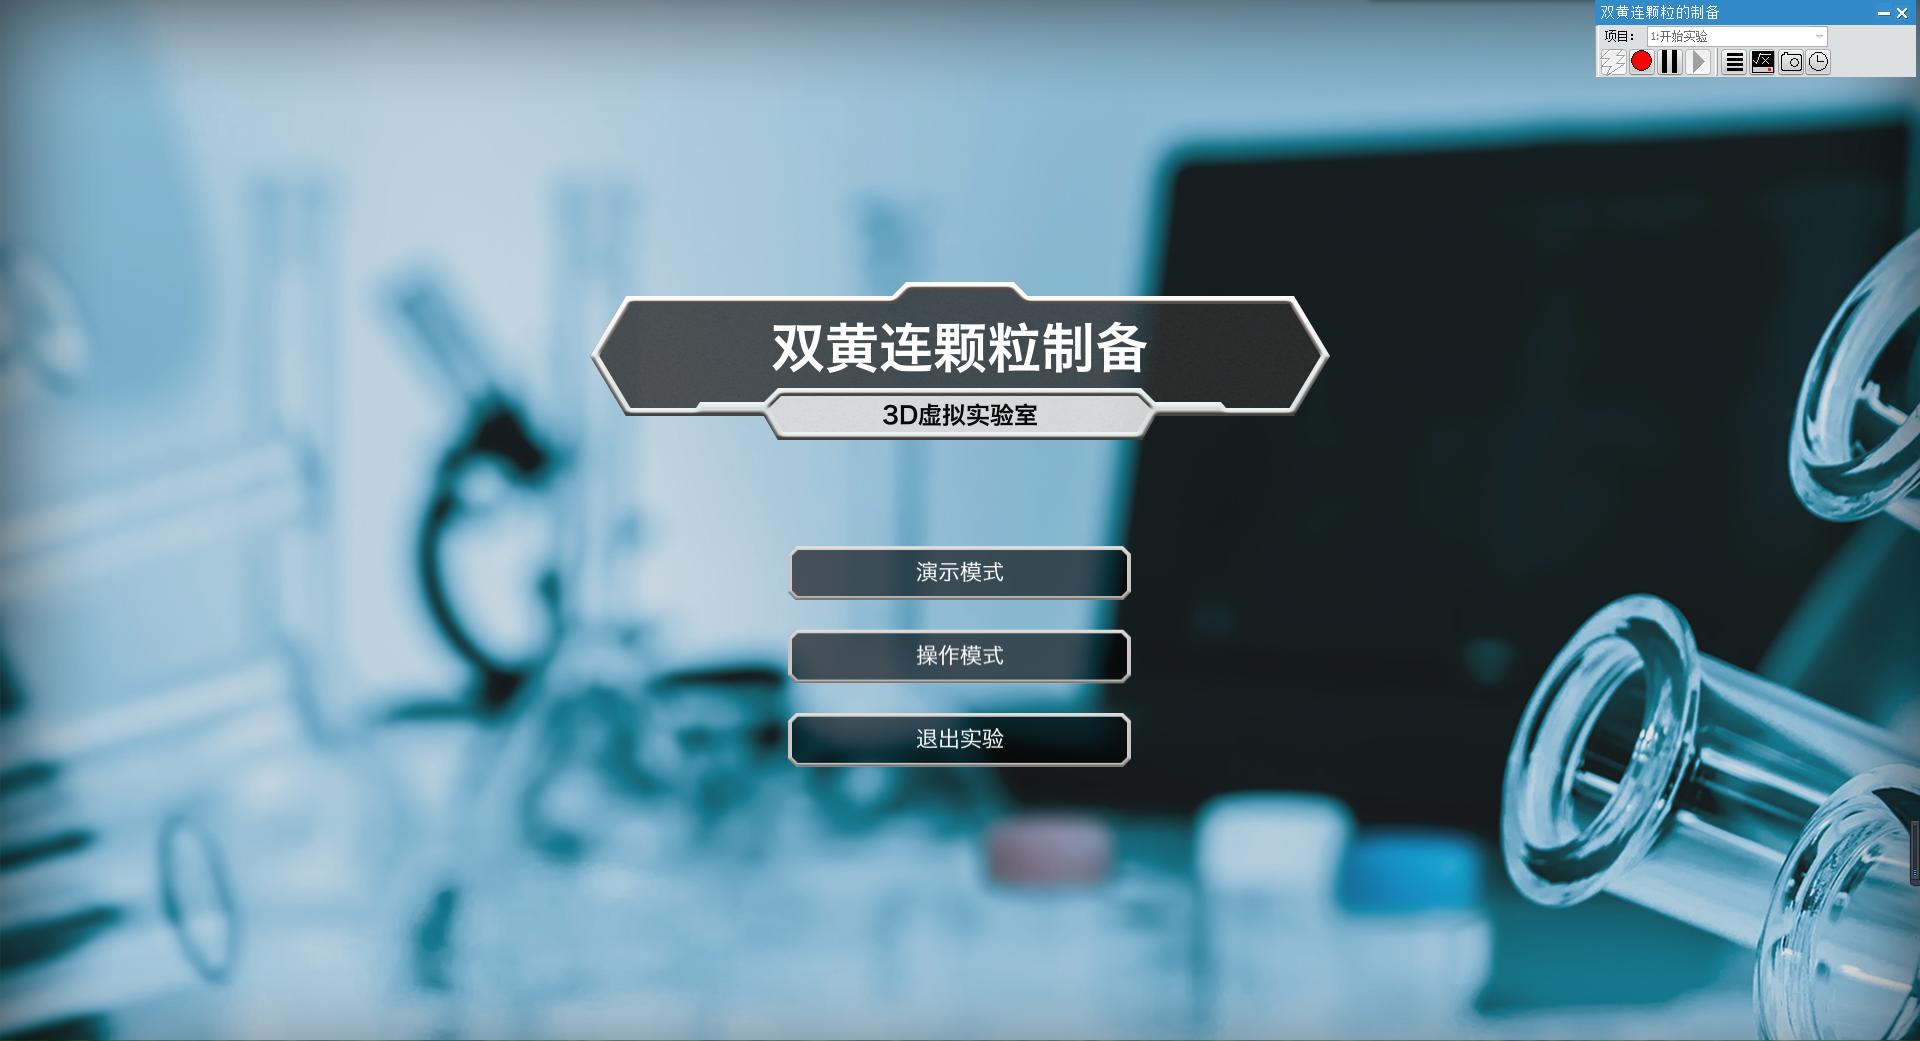 北京欧倍尔双黄连颗粒的制备虚拟仿真软件,增加学习趣味性